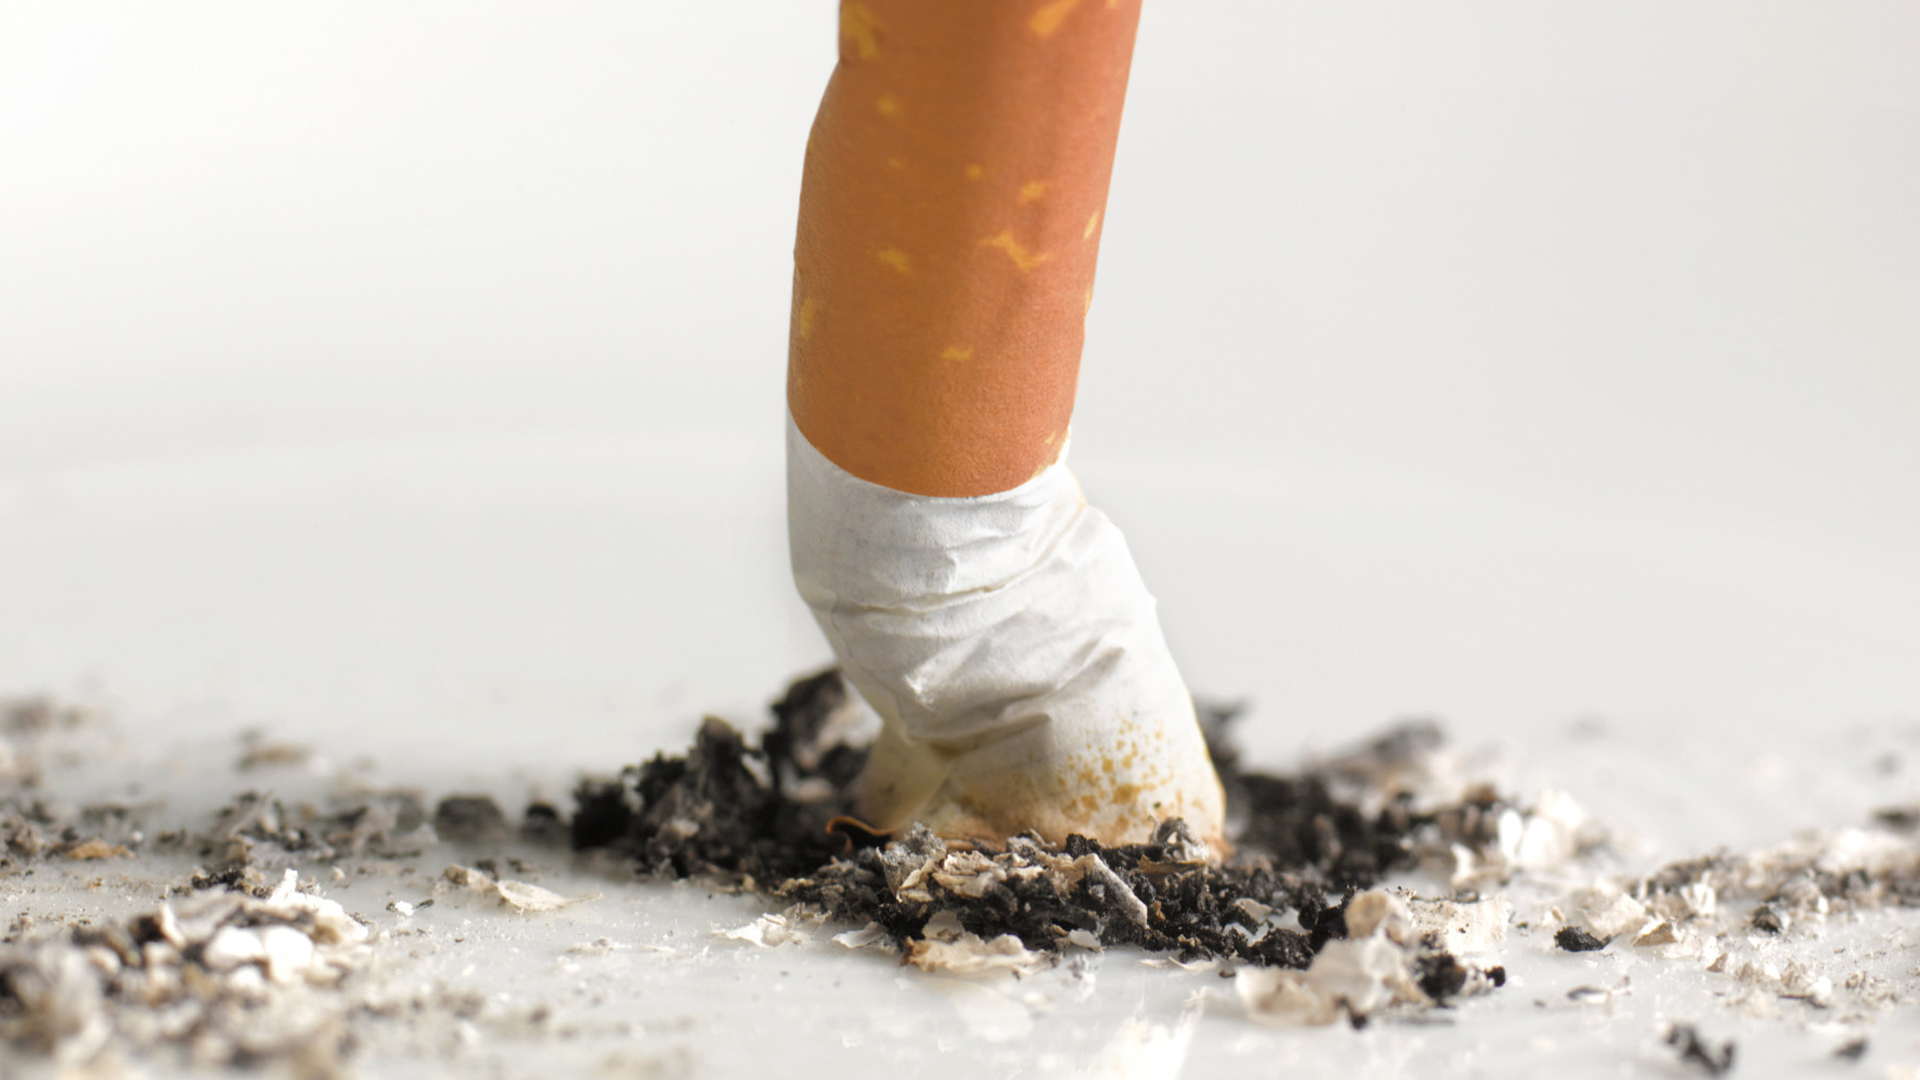 Cigarette contains nicotine